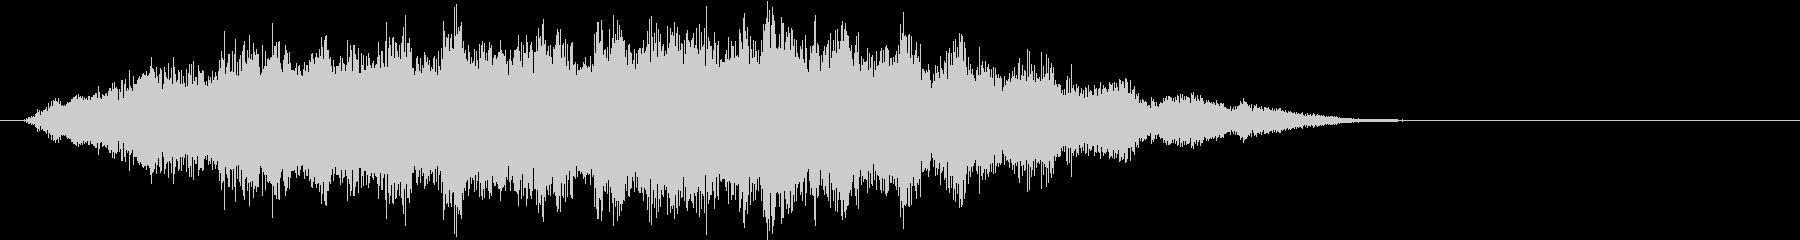 タロット占いのオープニング(神秘的な音)の未再生の波形